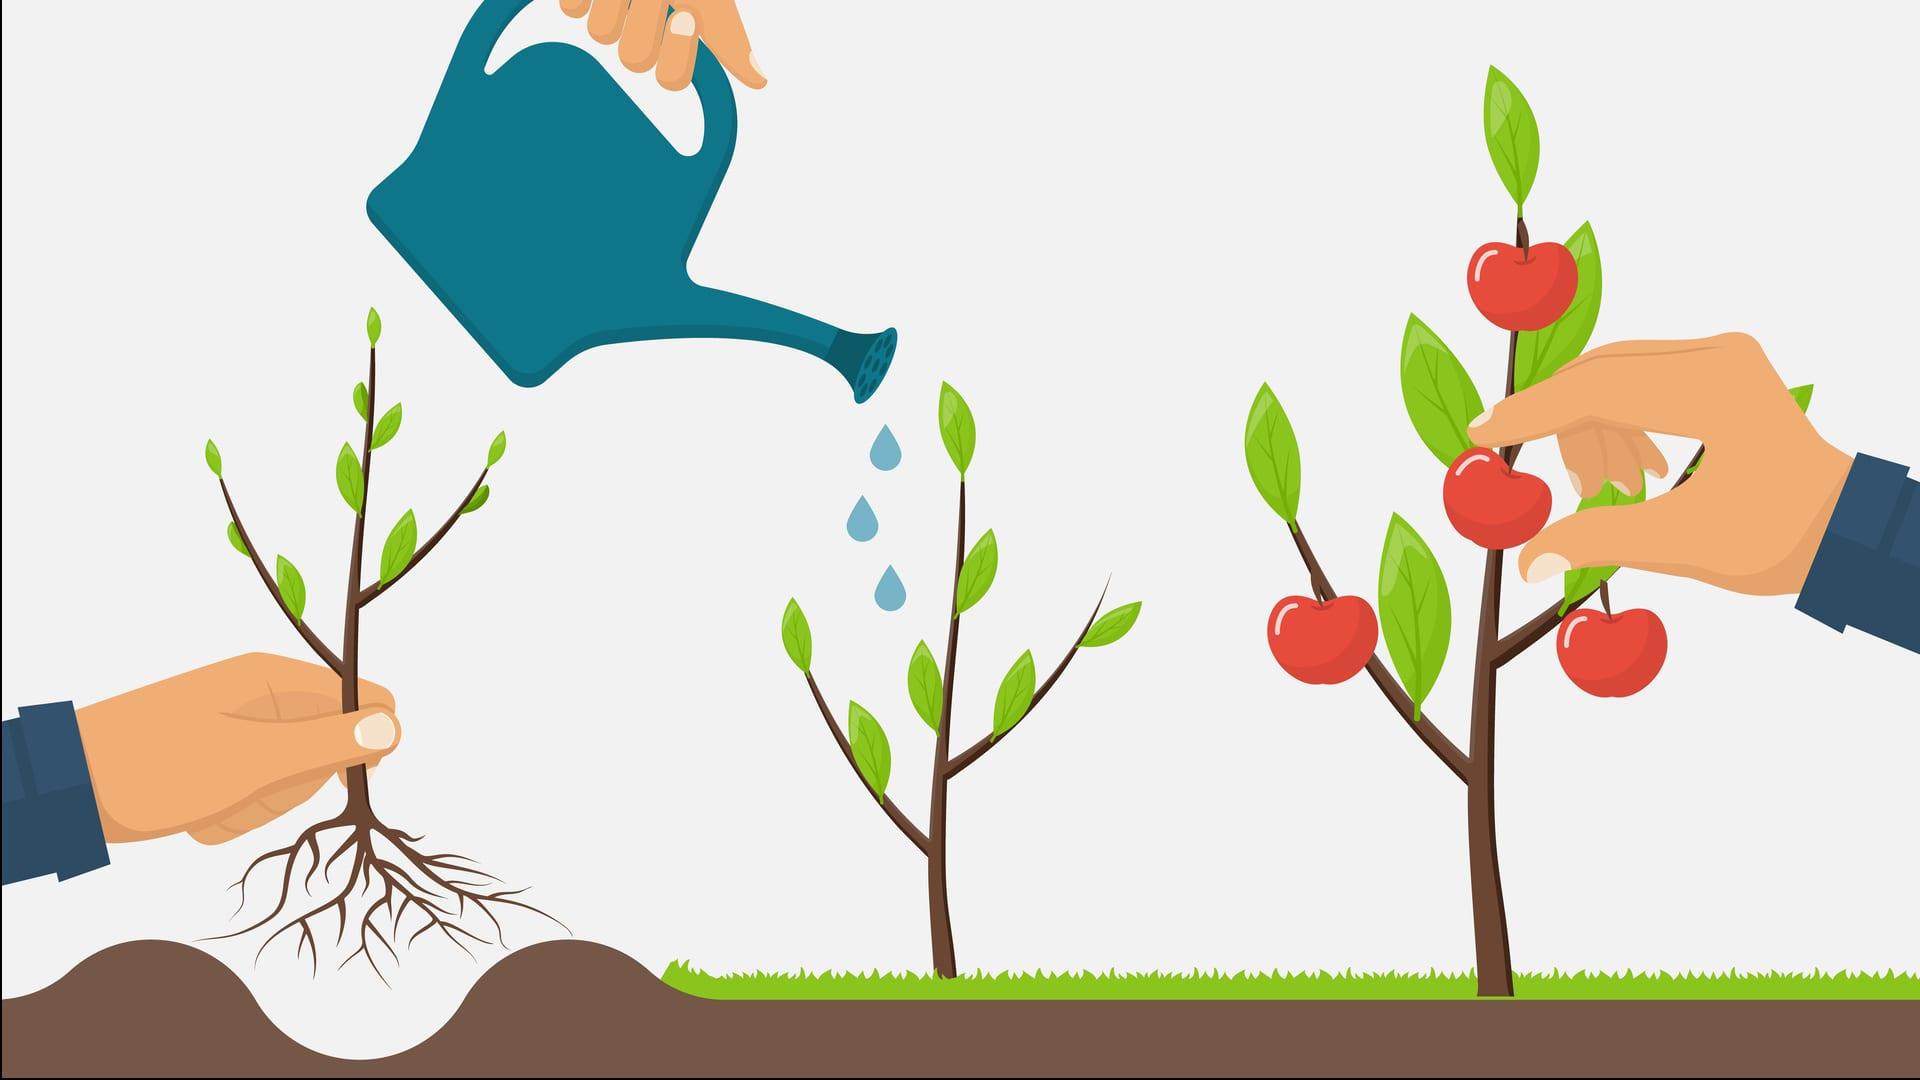 So pflanzen Sie einen Baum in vier Schritten